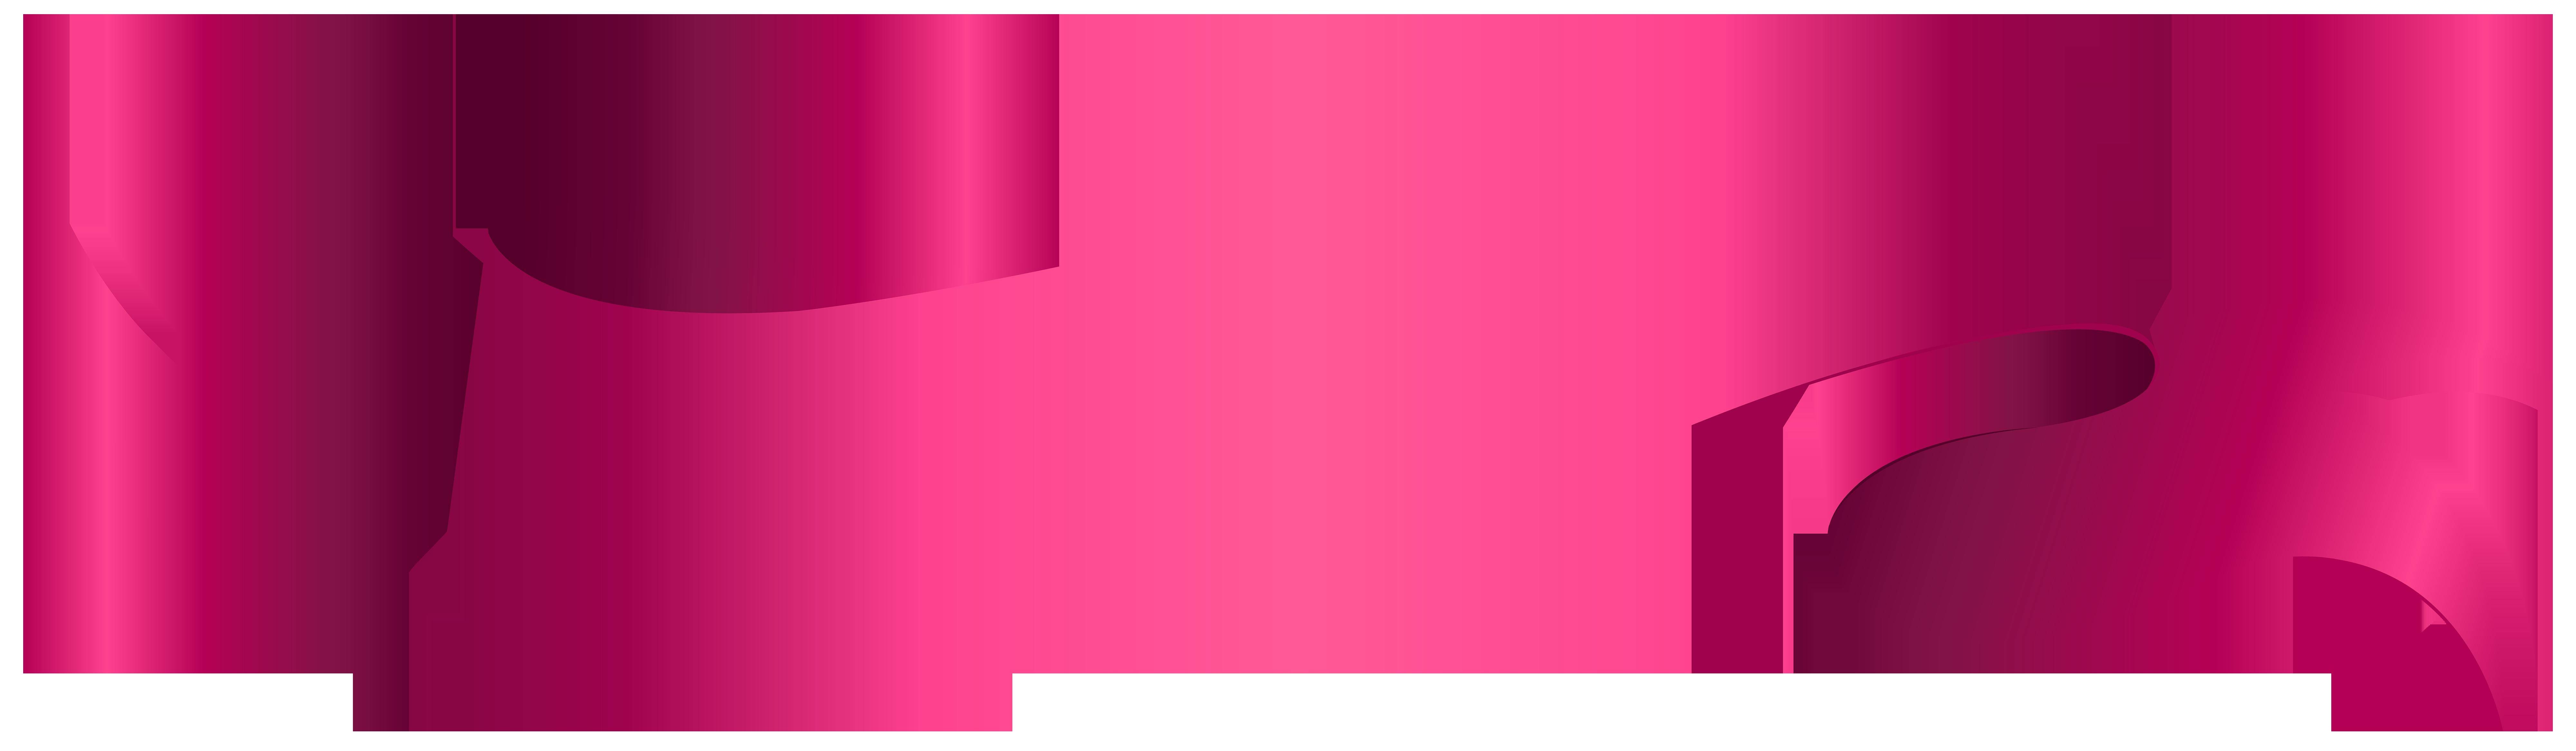 Banner Pink PNG Clip Art Transparent Image.